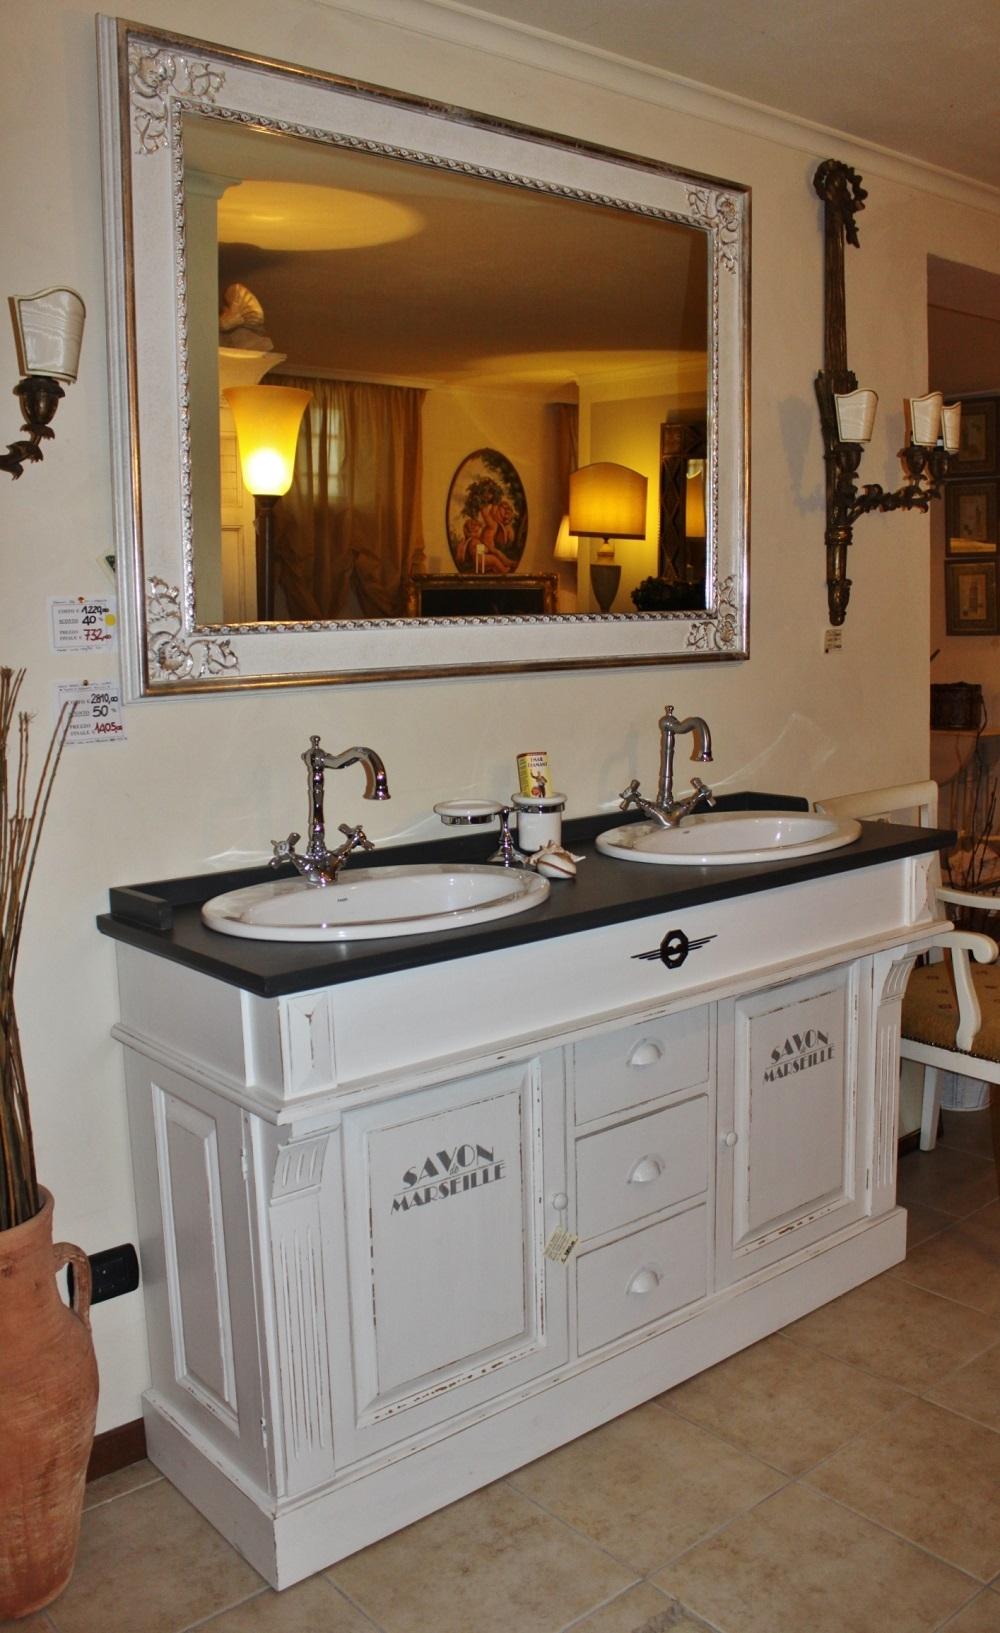 Mobile da bagno con doppio lavabo Dialma Brown in offerta al 60% ! - Arredo bagno a prezzi scontati